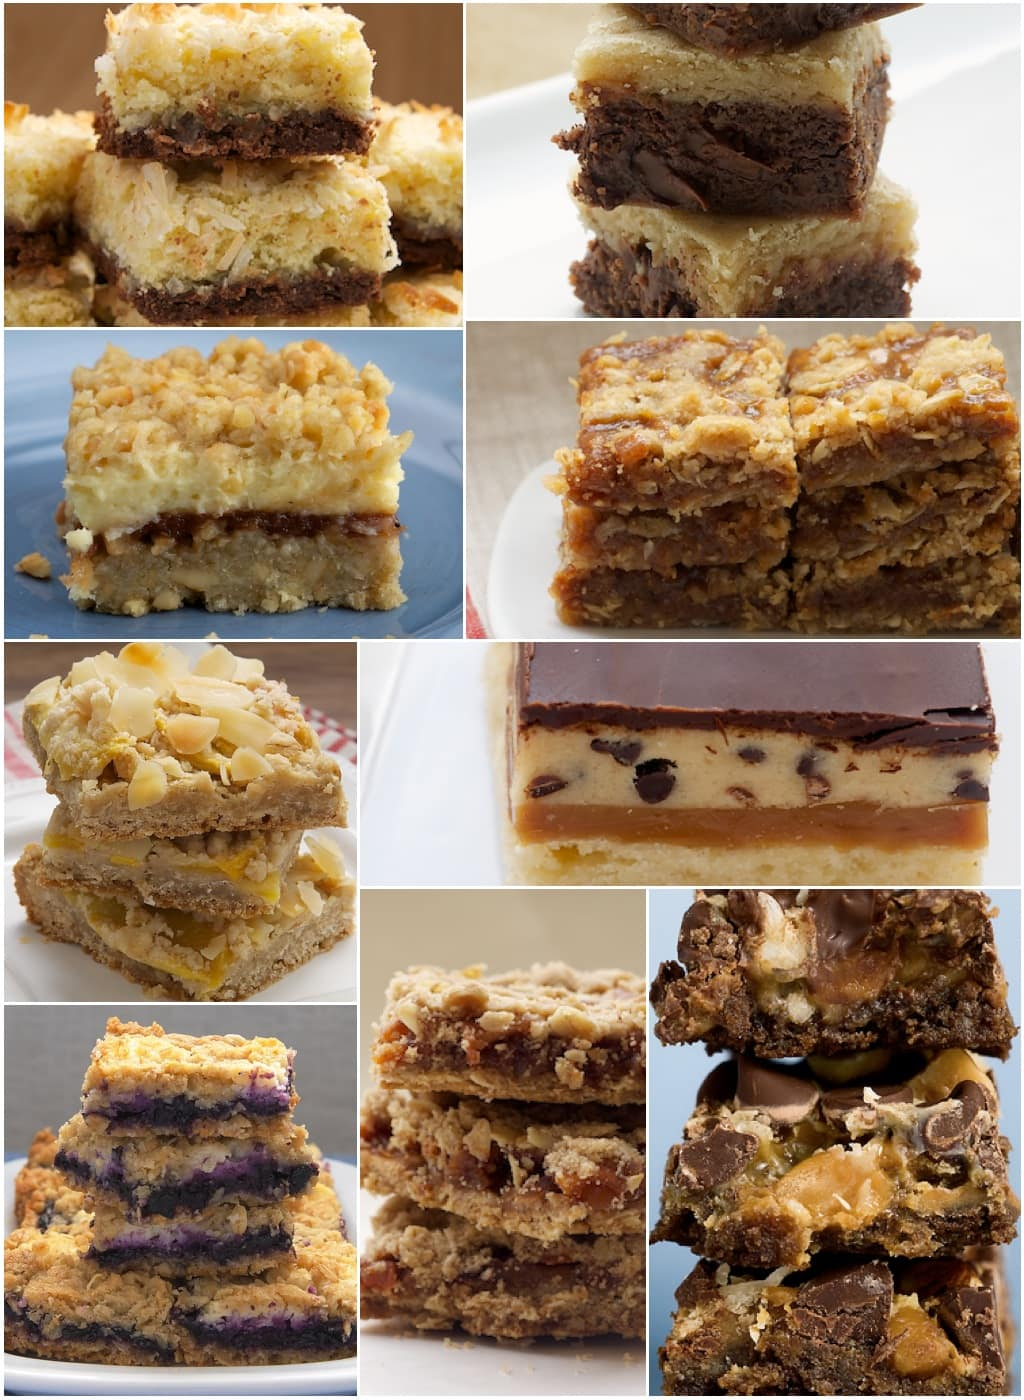 Favorite Layered Bars Recipes | Bake or Break